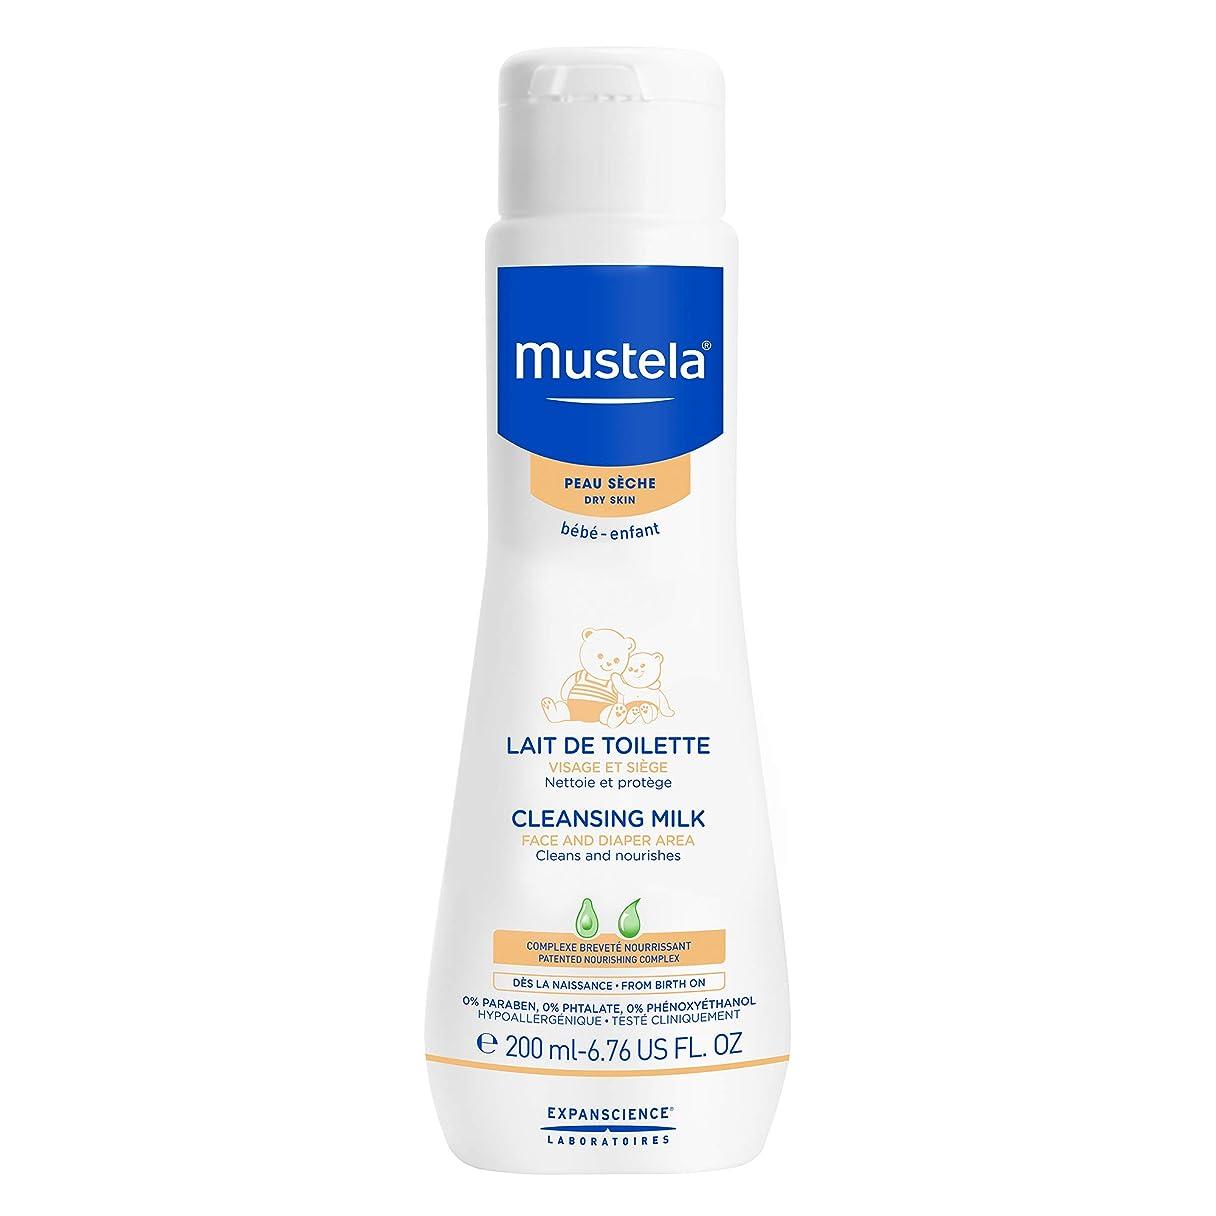 谷差別海嶺ムステラ Cleansing Milk - For Dry Skin 200ml/6.76oz並行輸入品